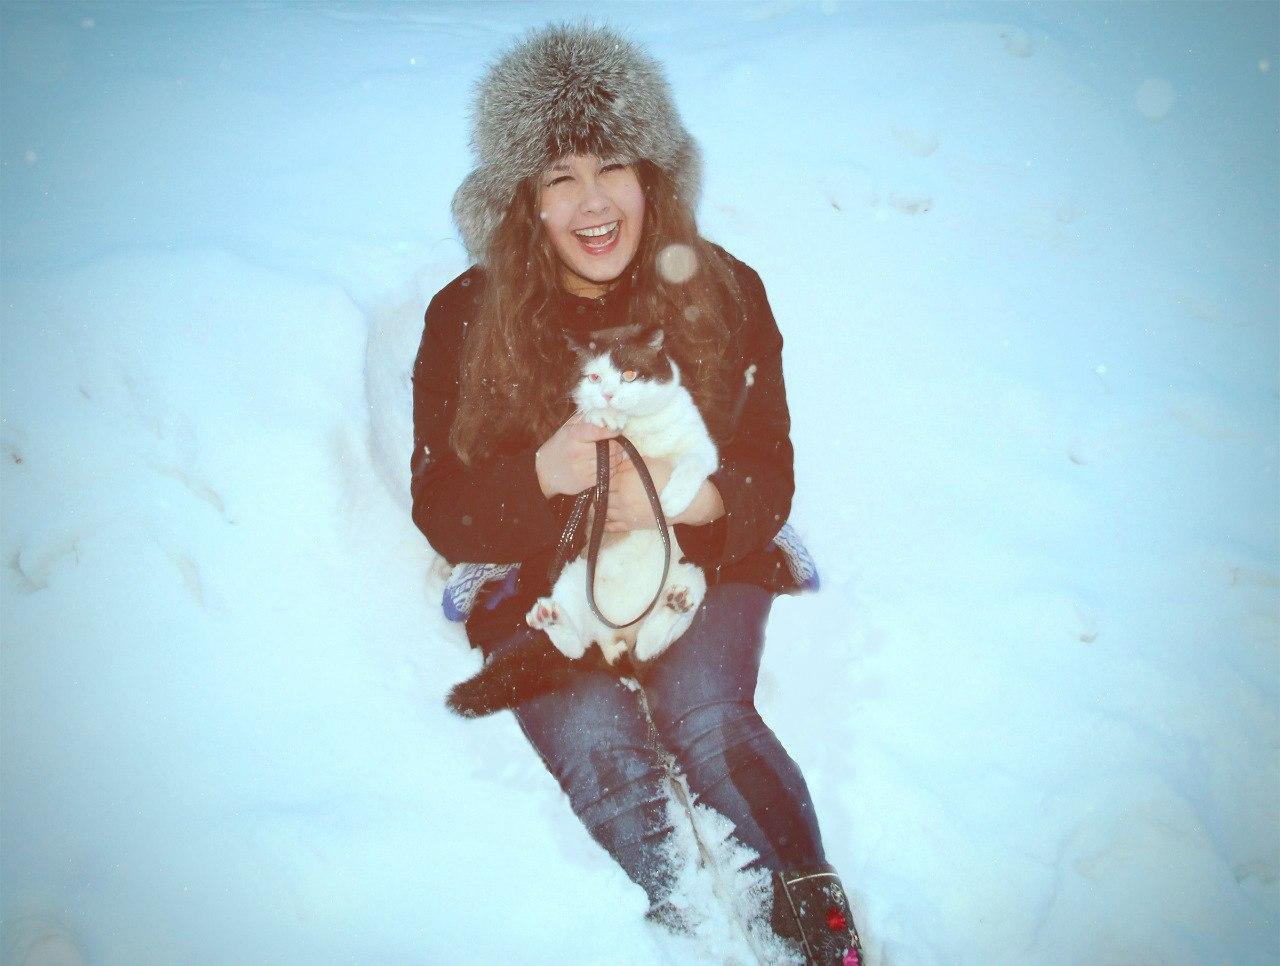 Счастье - это просто!. Зимний образ